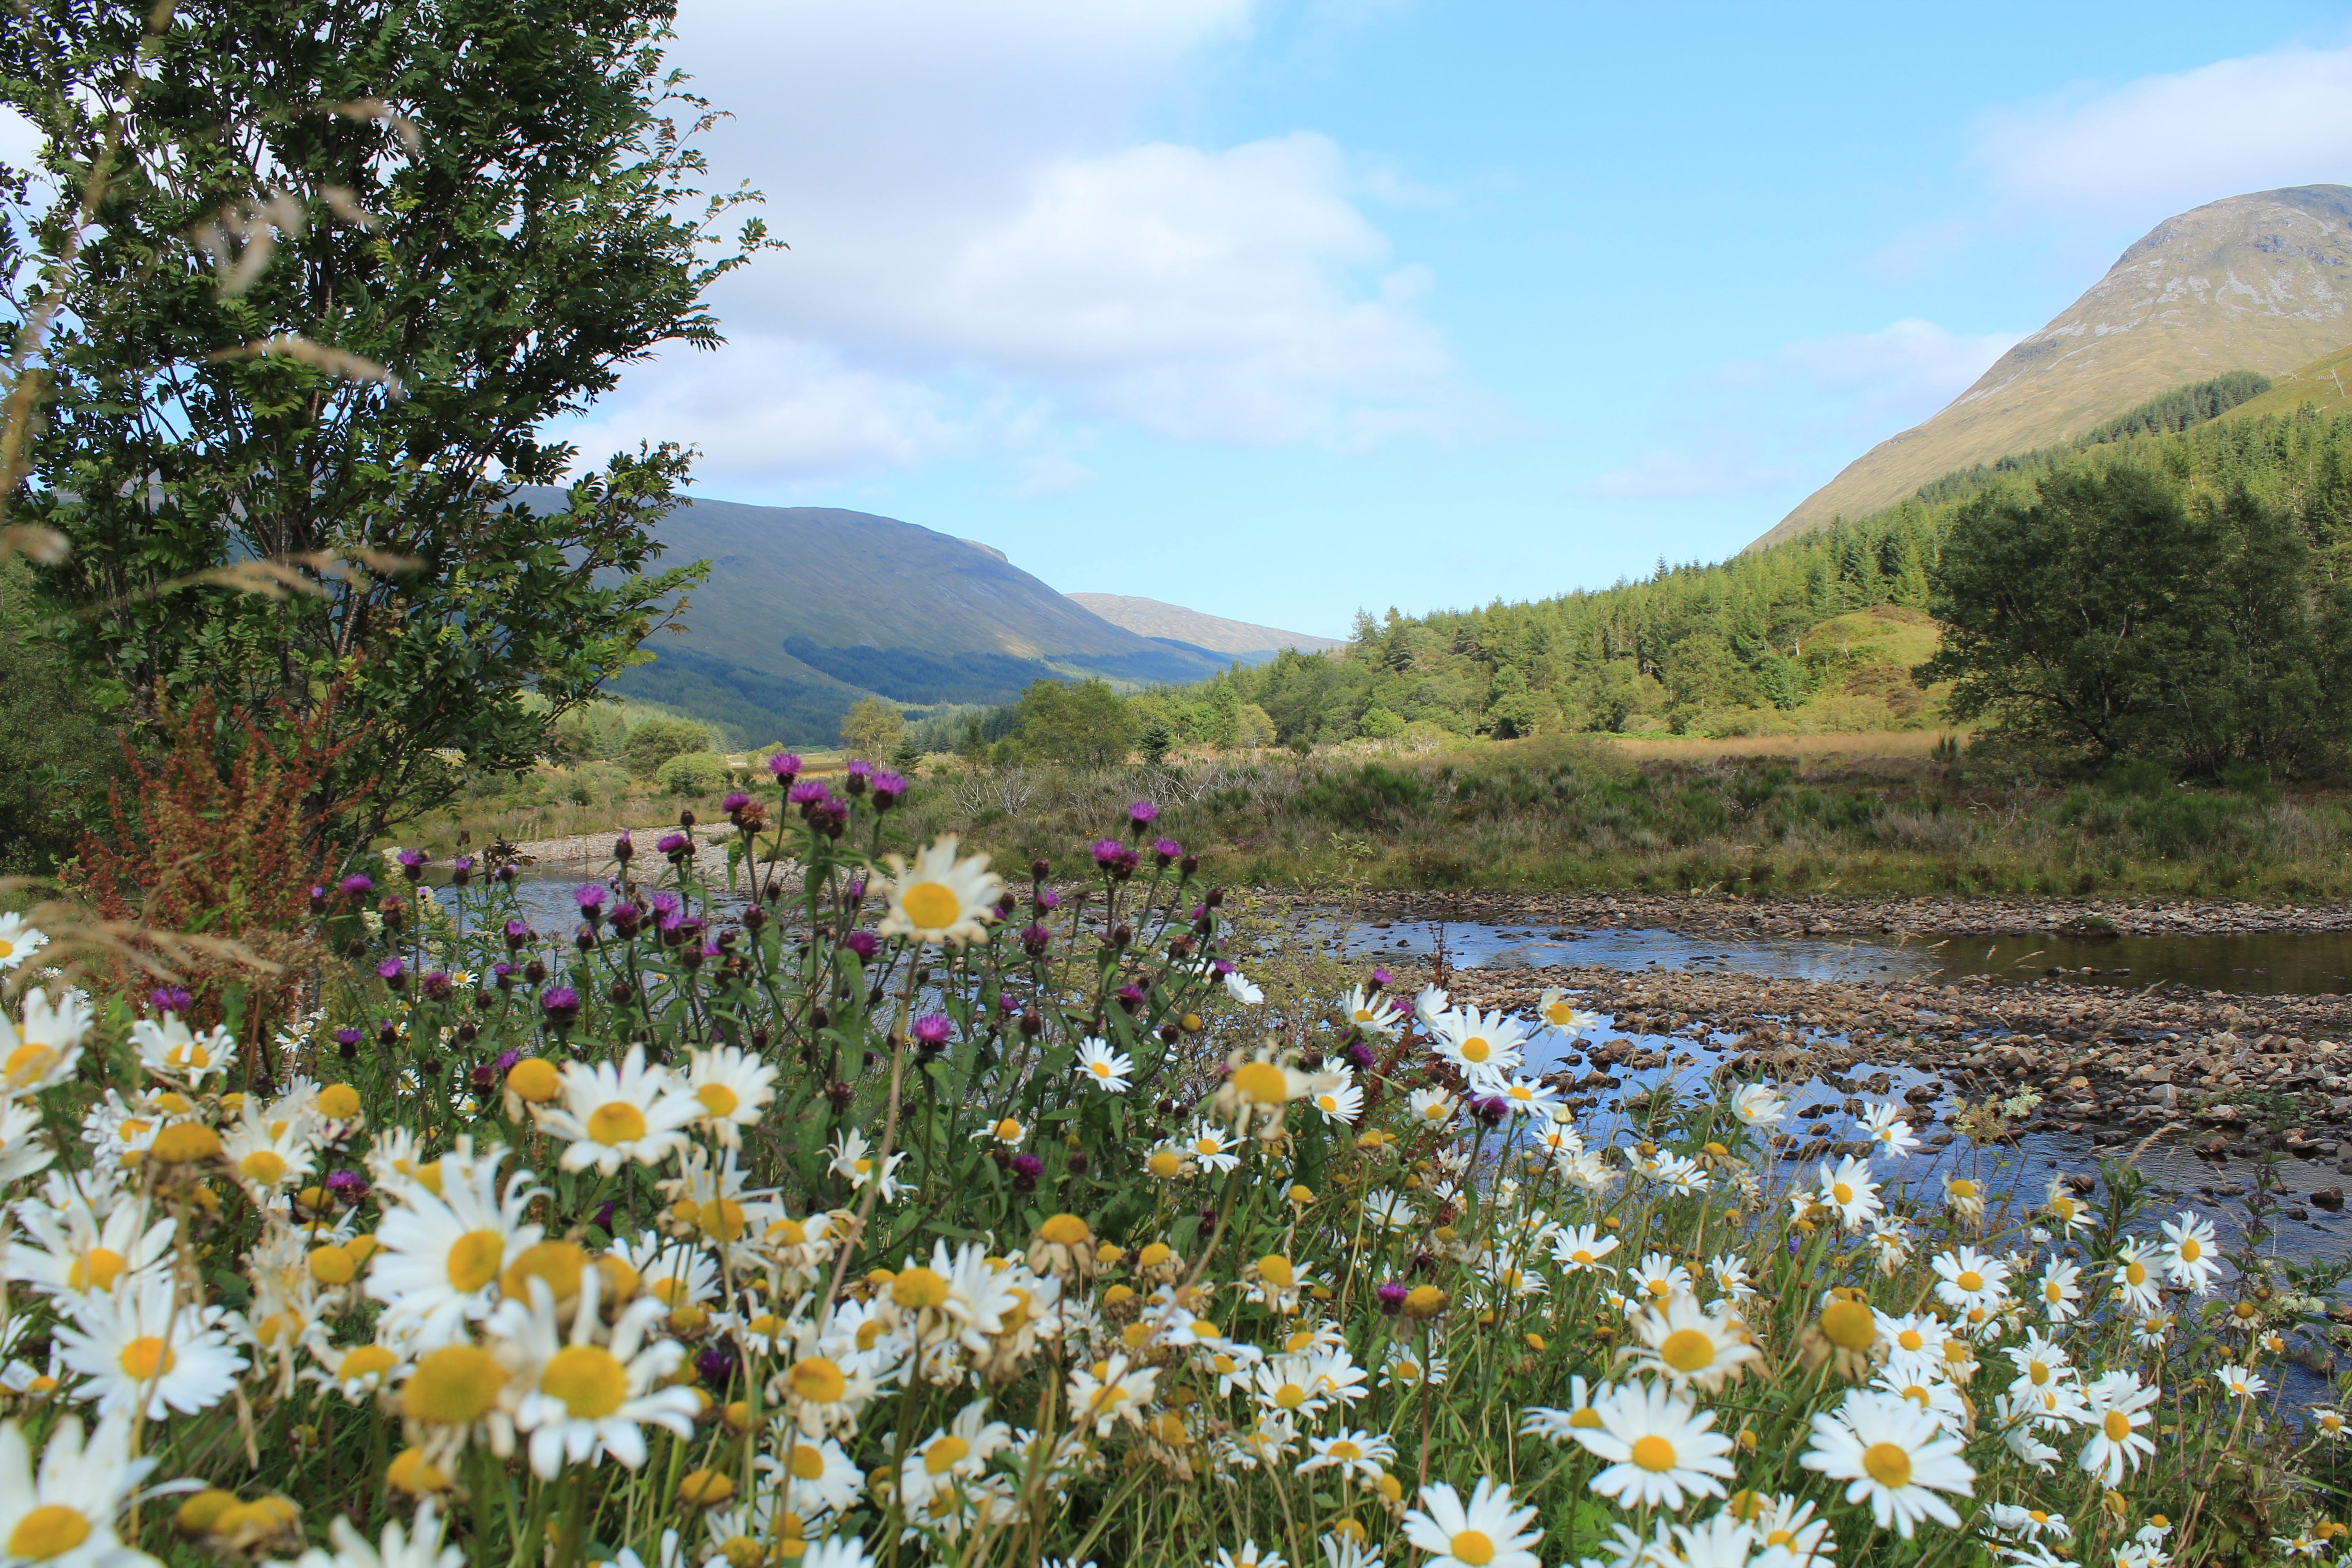 135033 Hintergrundbild herunterladen Natur, Flüsse, Grass, Mountains, Kamille, Schottland - Bildschirmschoner und Bilder kostenlos